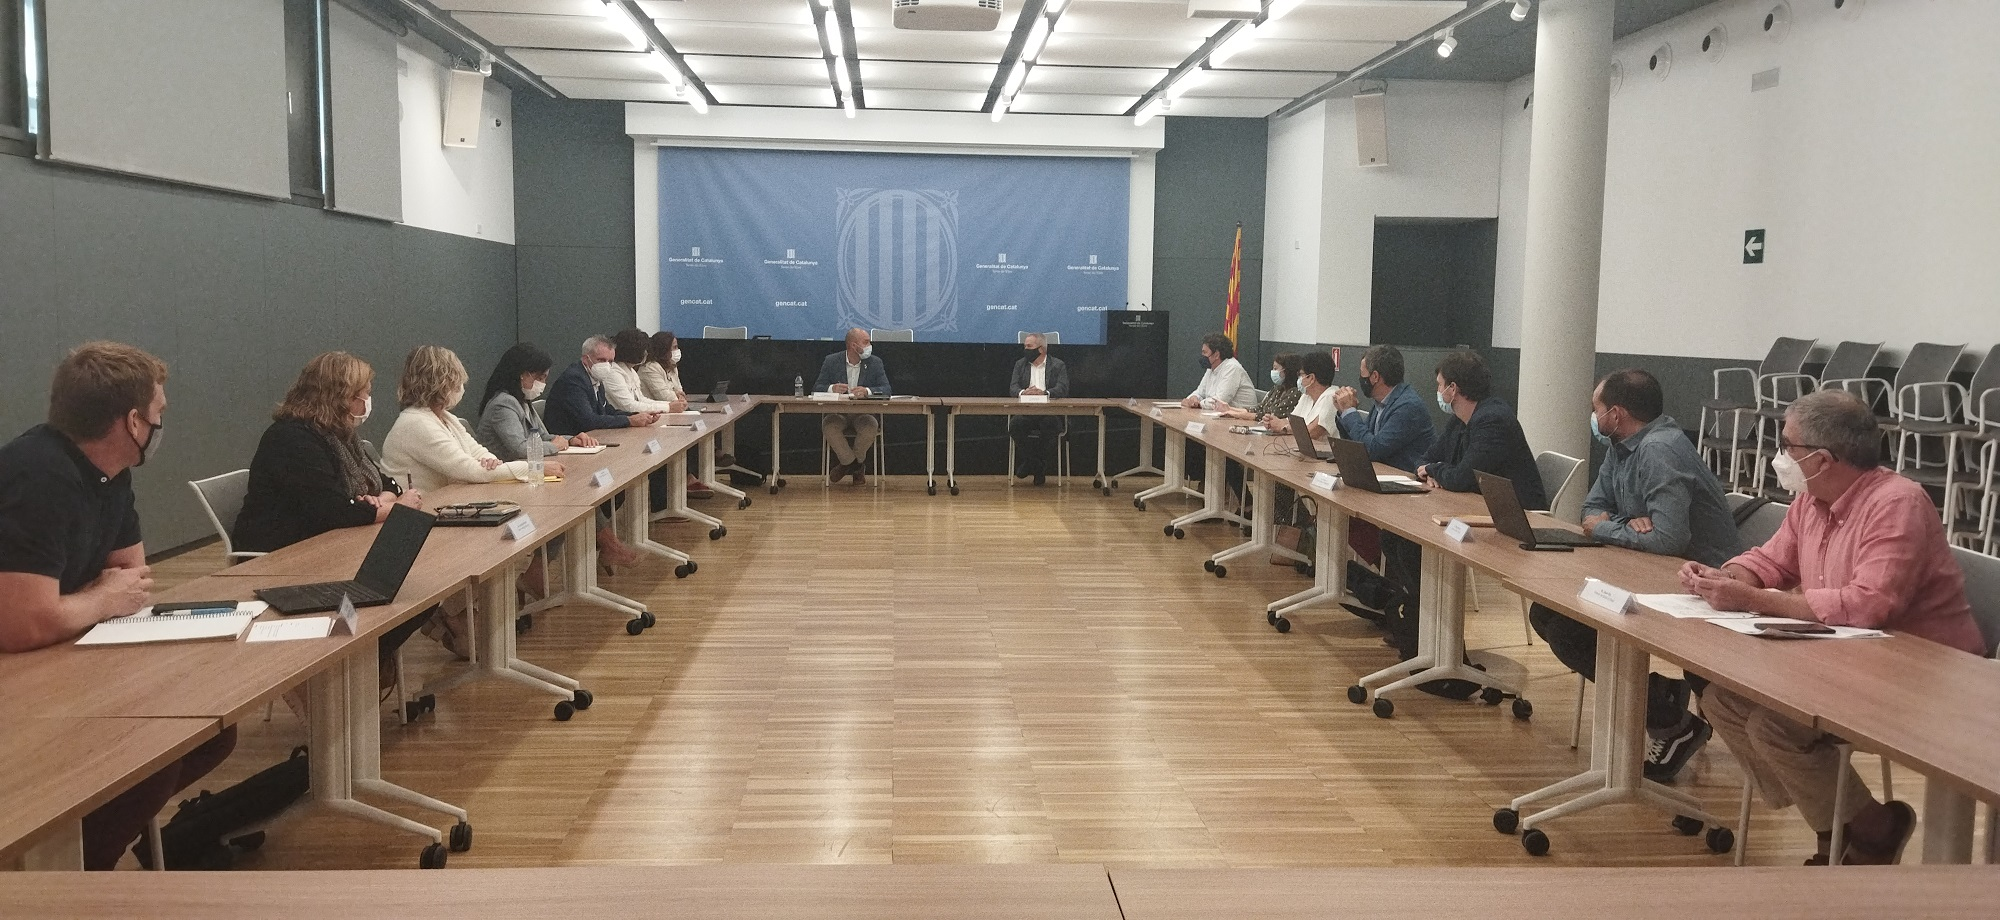 Consell de Direcció de l'Administració Territorial del Govern a les Terres de l'Ebre